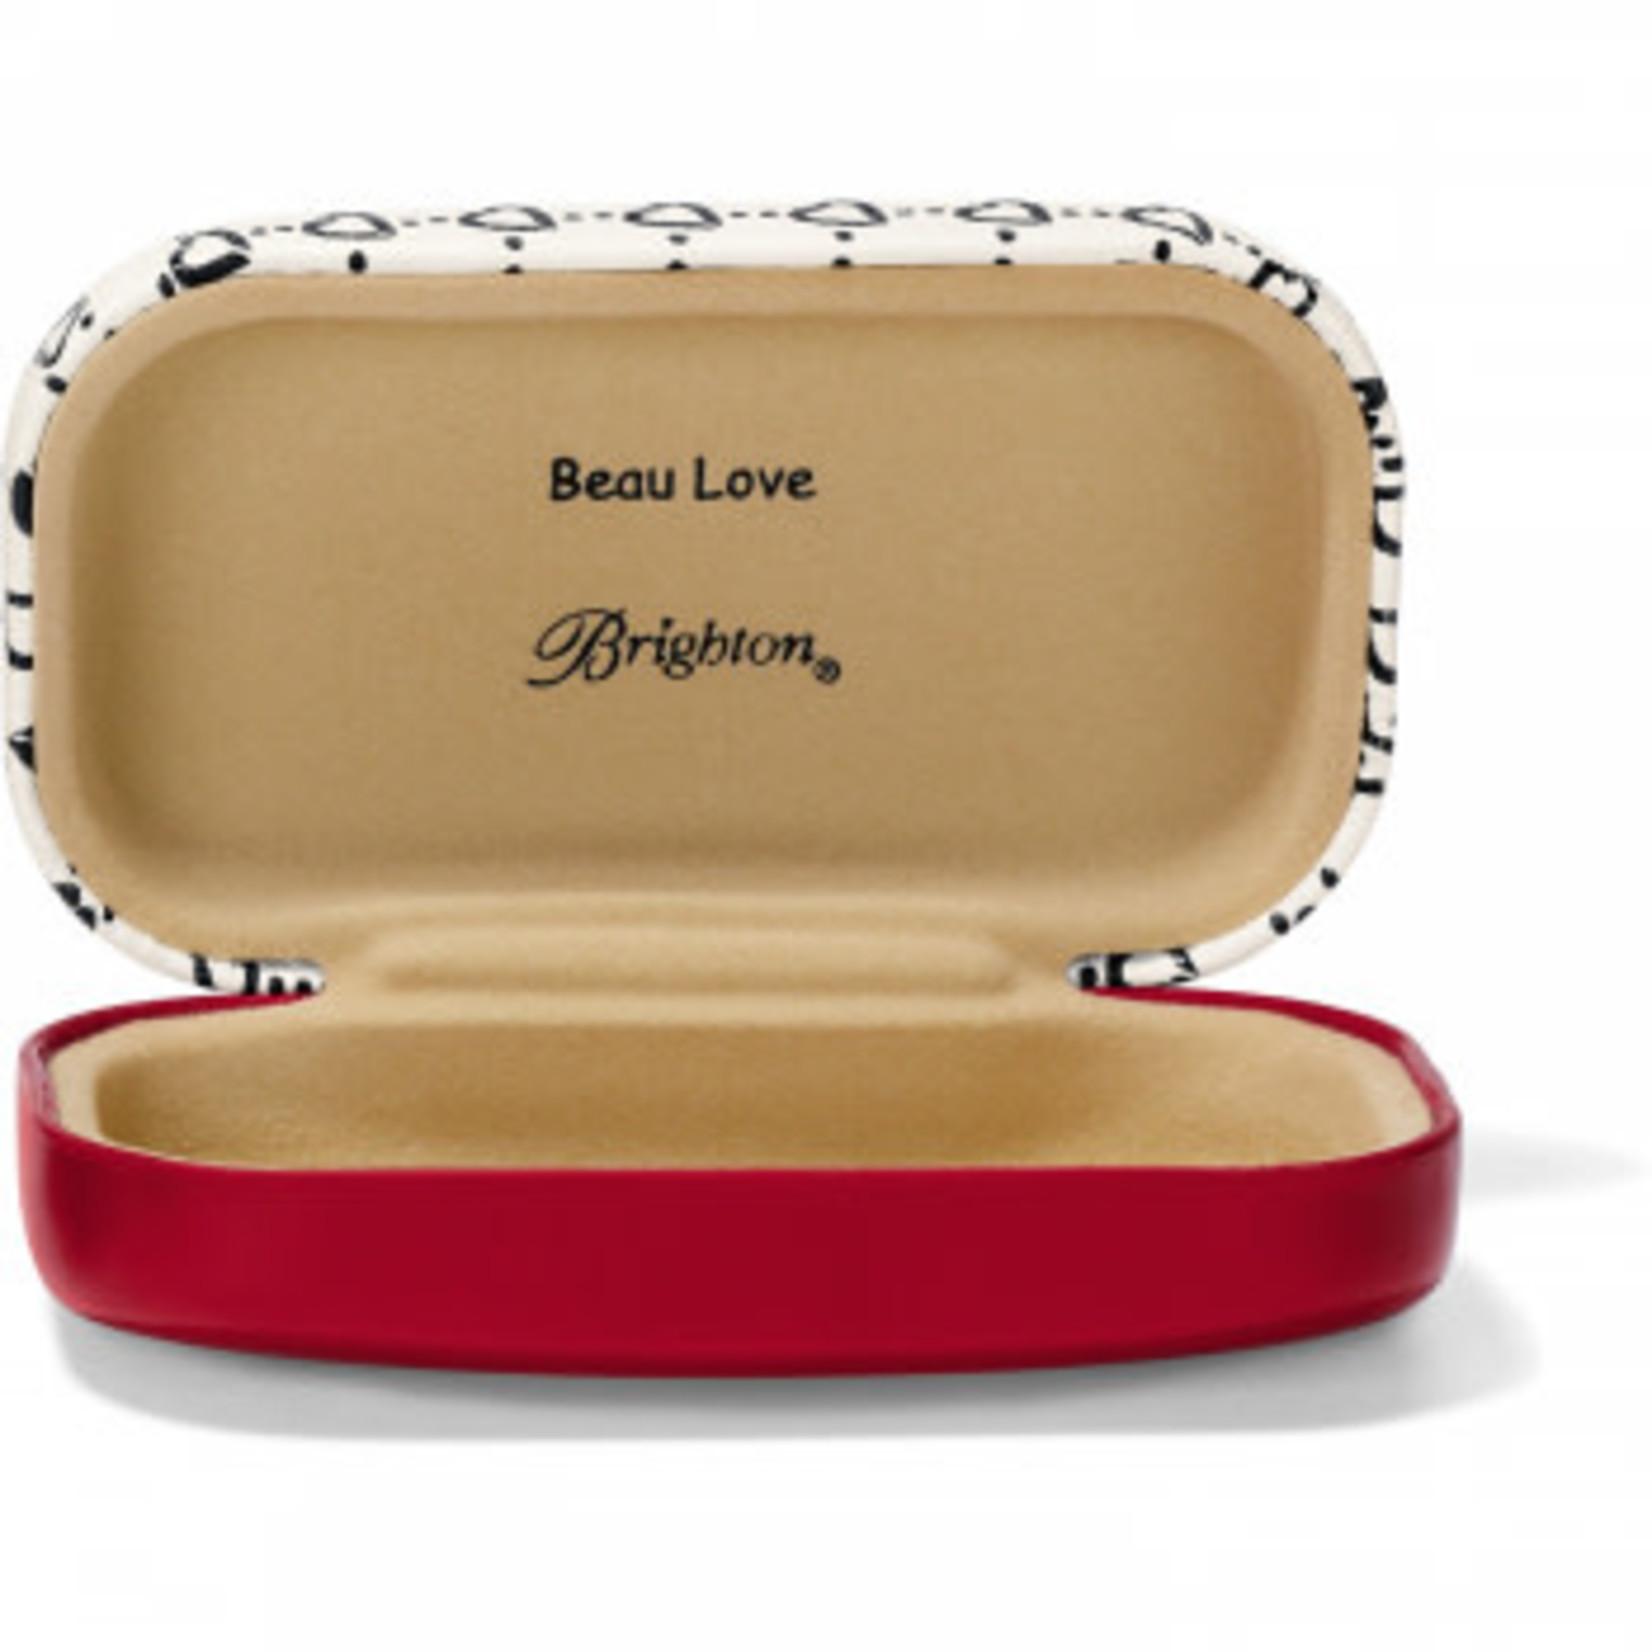 Brighton Allure Beau Mini Box Multi